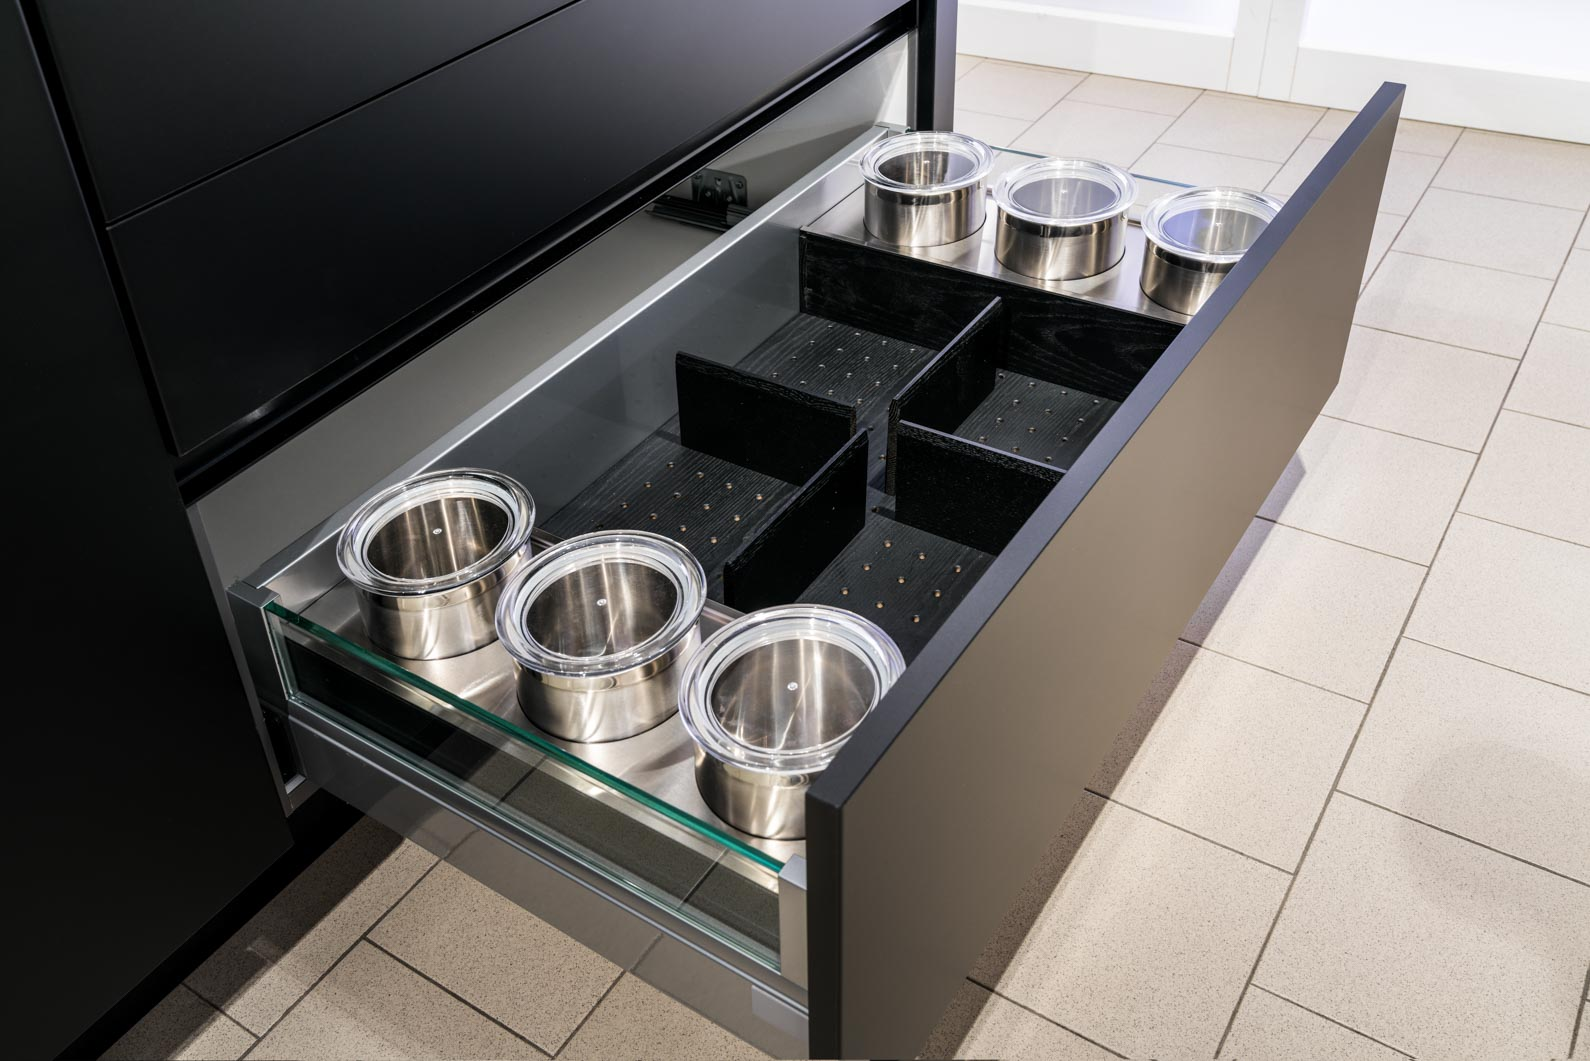 Weisser Küchenstudio Showroom Stauraumgestaltung in einer Schublade